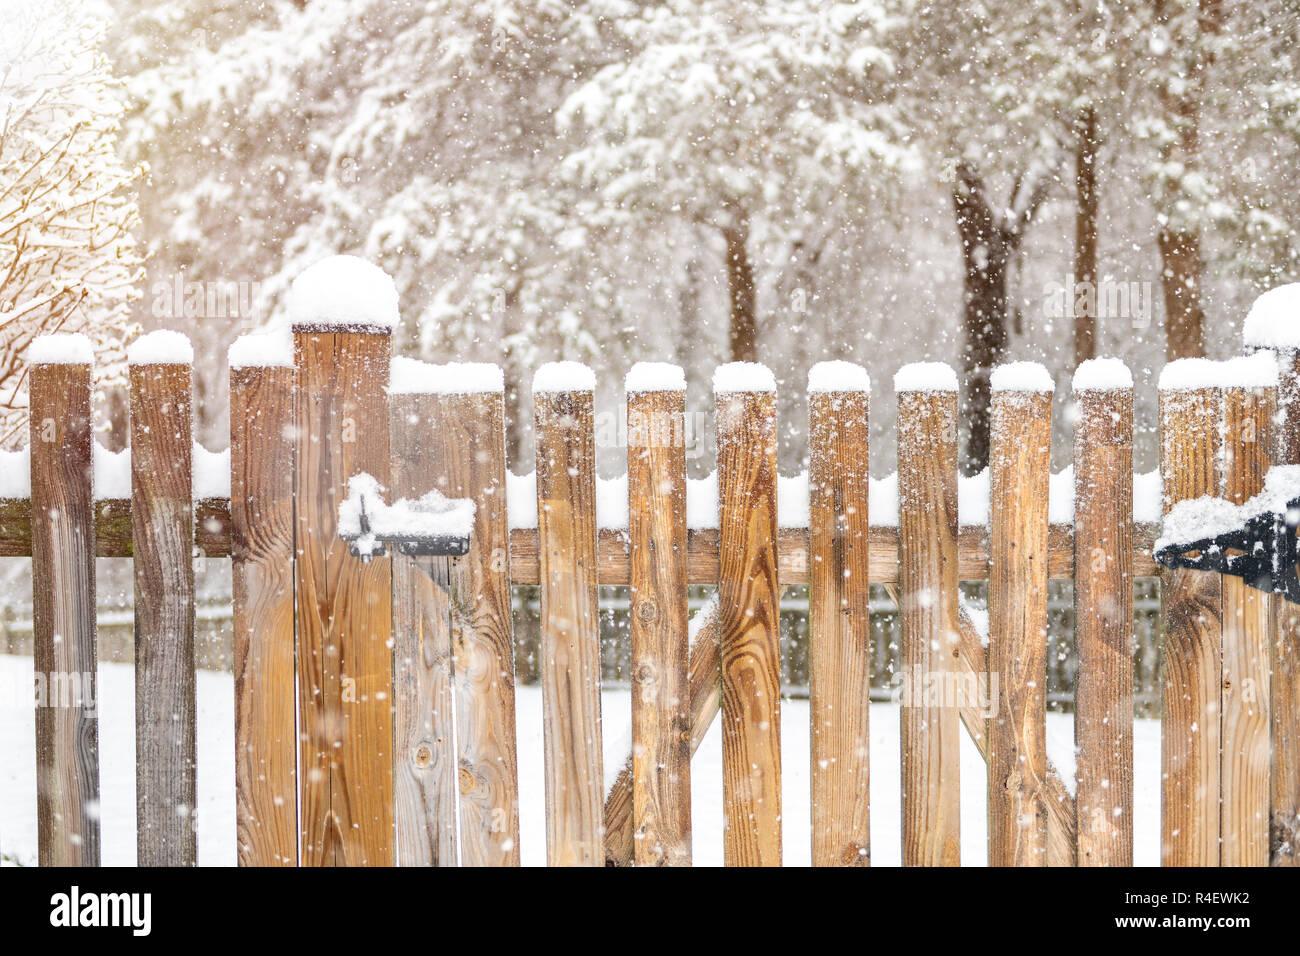 Staccionata Bianca In Legno recinzione di legno chiusa a chiave immagini & recinzione di